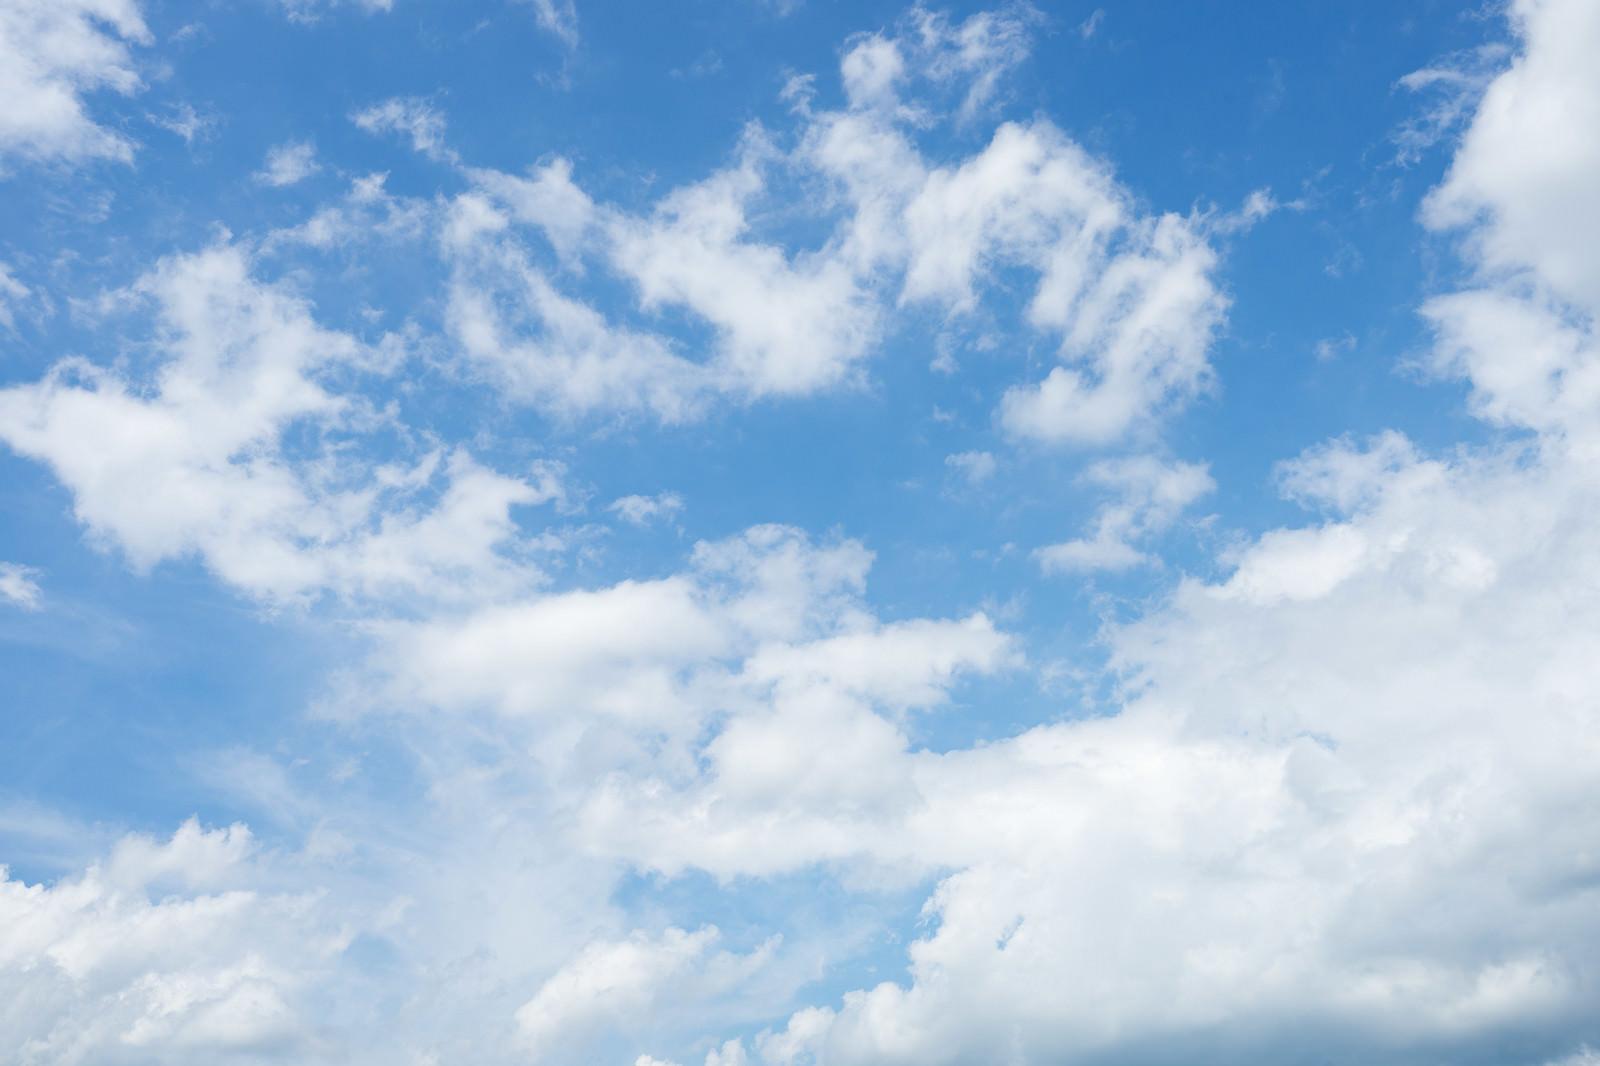 「爽やかな青空と雲」の写真